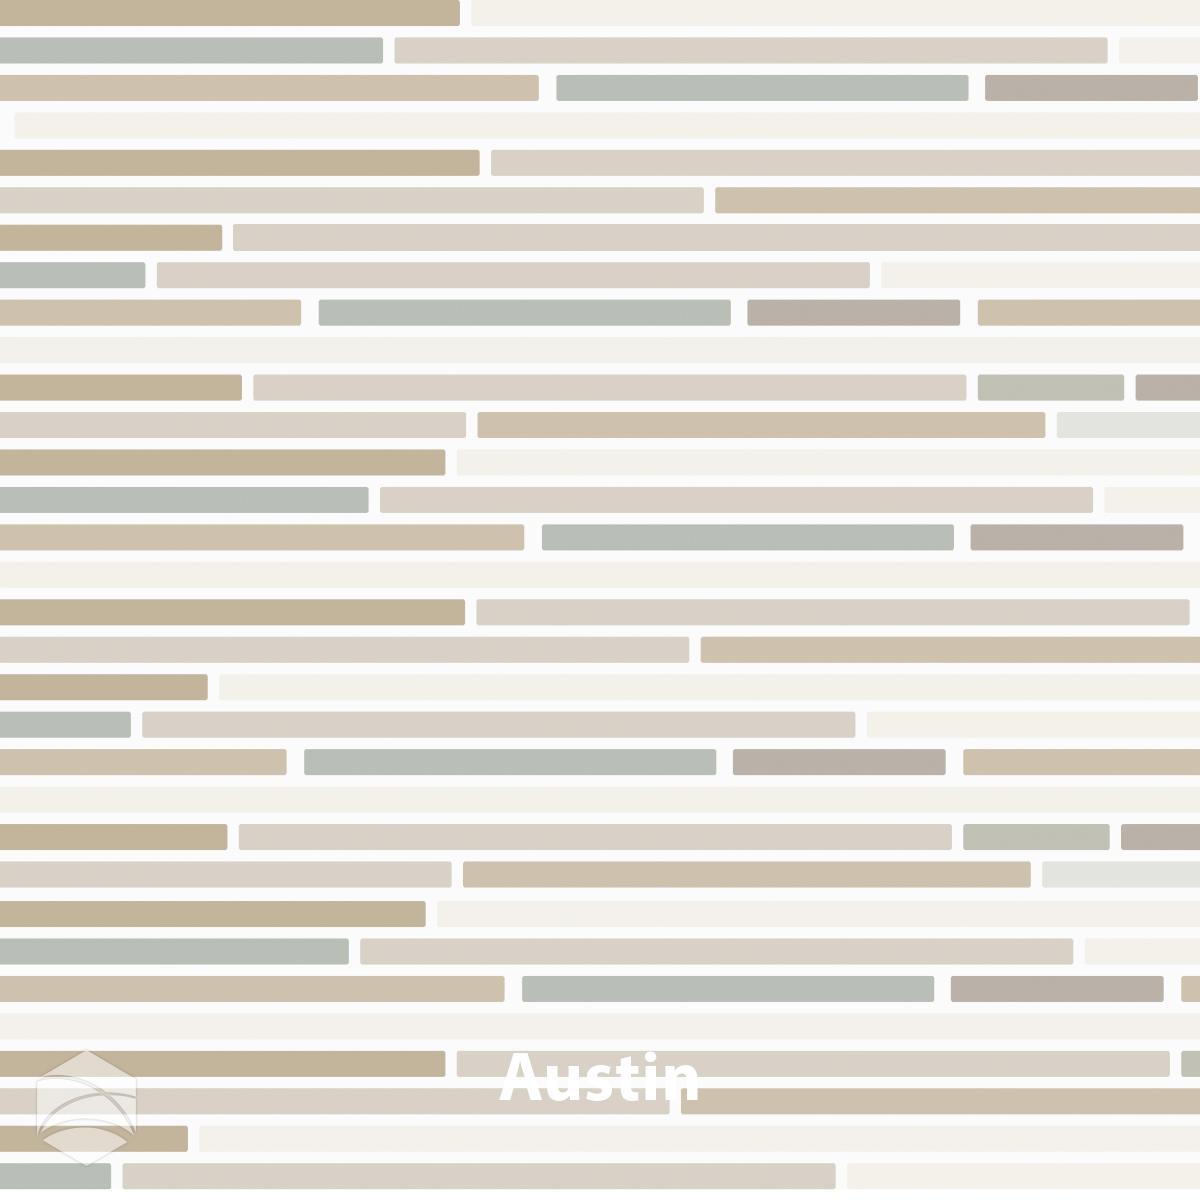 Austin_Stacked_V2_12x12.jpg